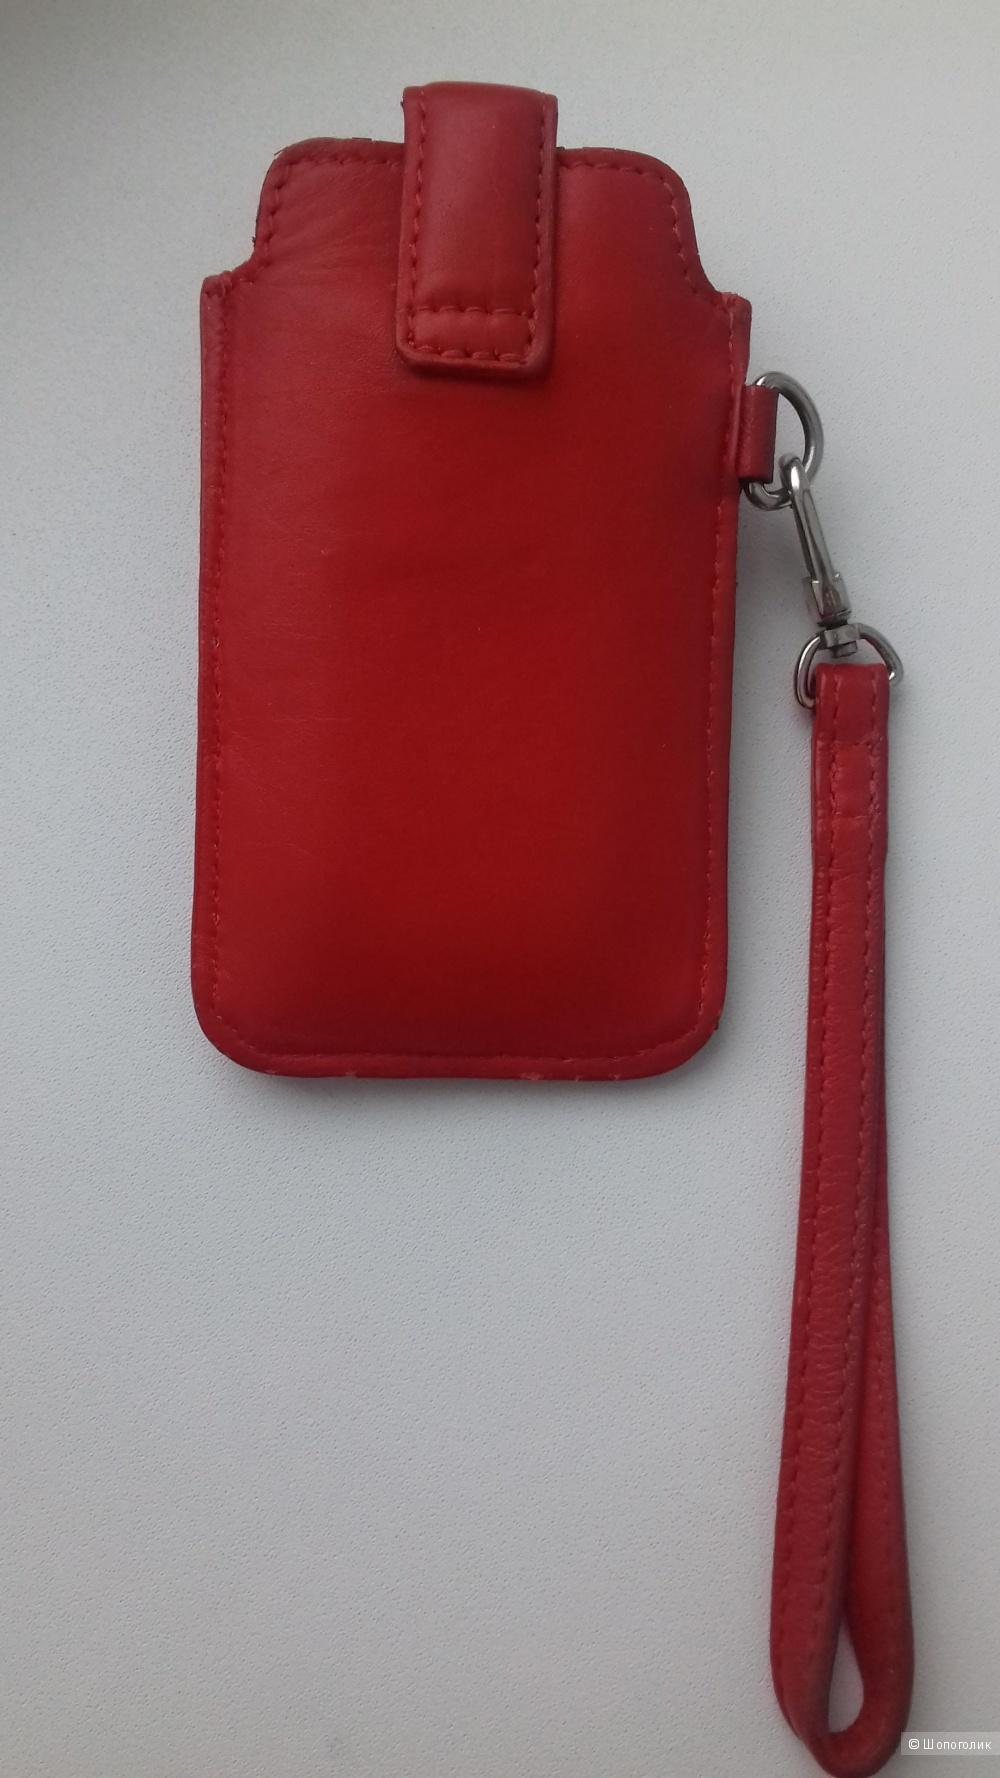 Кожаный чехол сумочка для iPhone, телефона, красный, 770х1300 мм